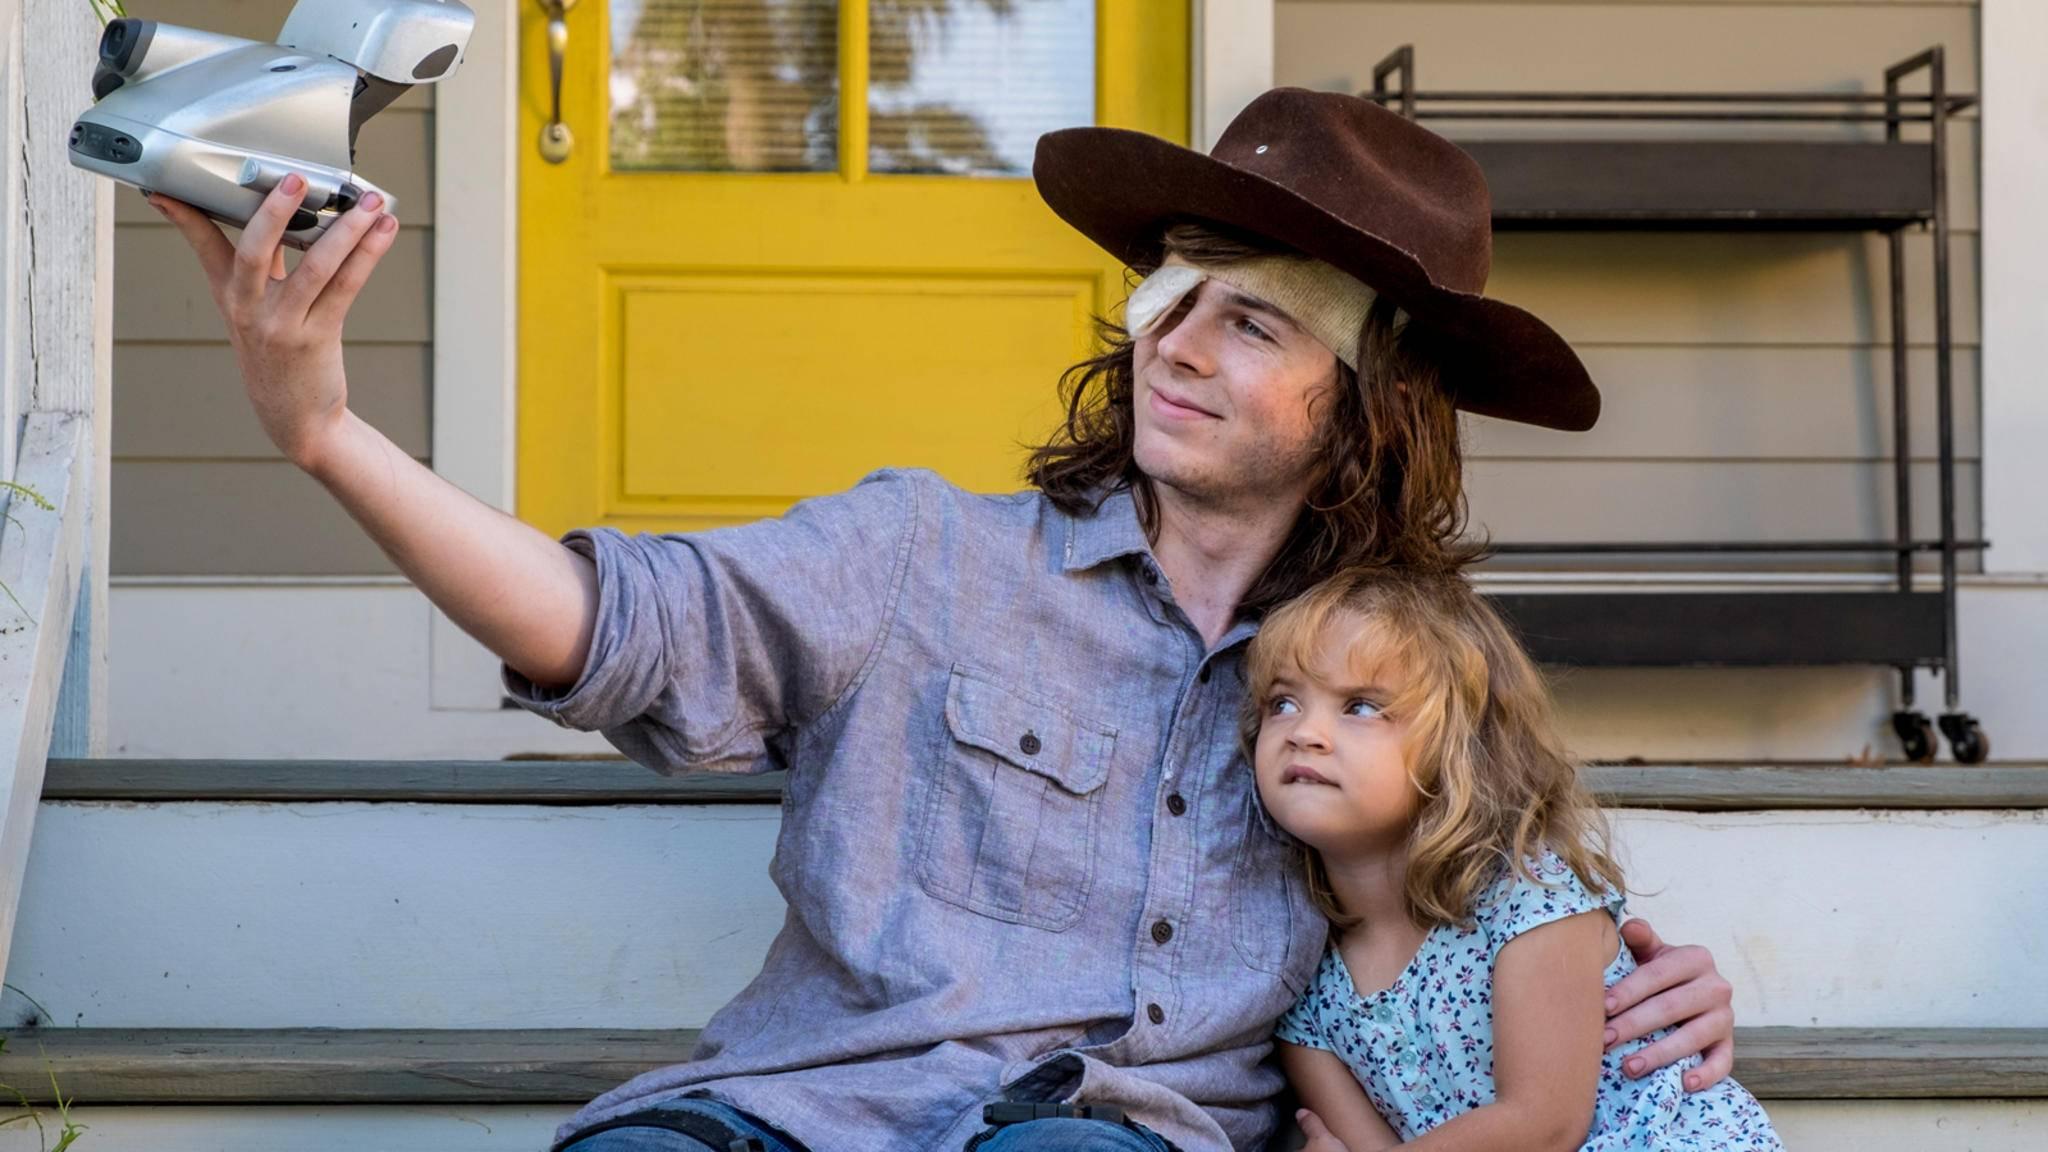 Cheeese! Carl und Judith machen in Staffel 8 endlich mal ein gemeinsames Foto.